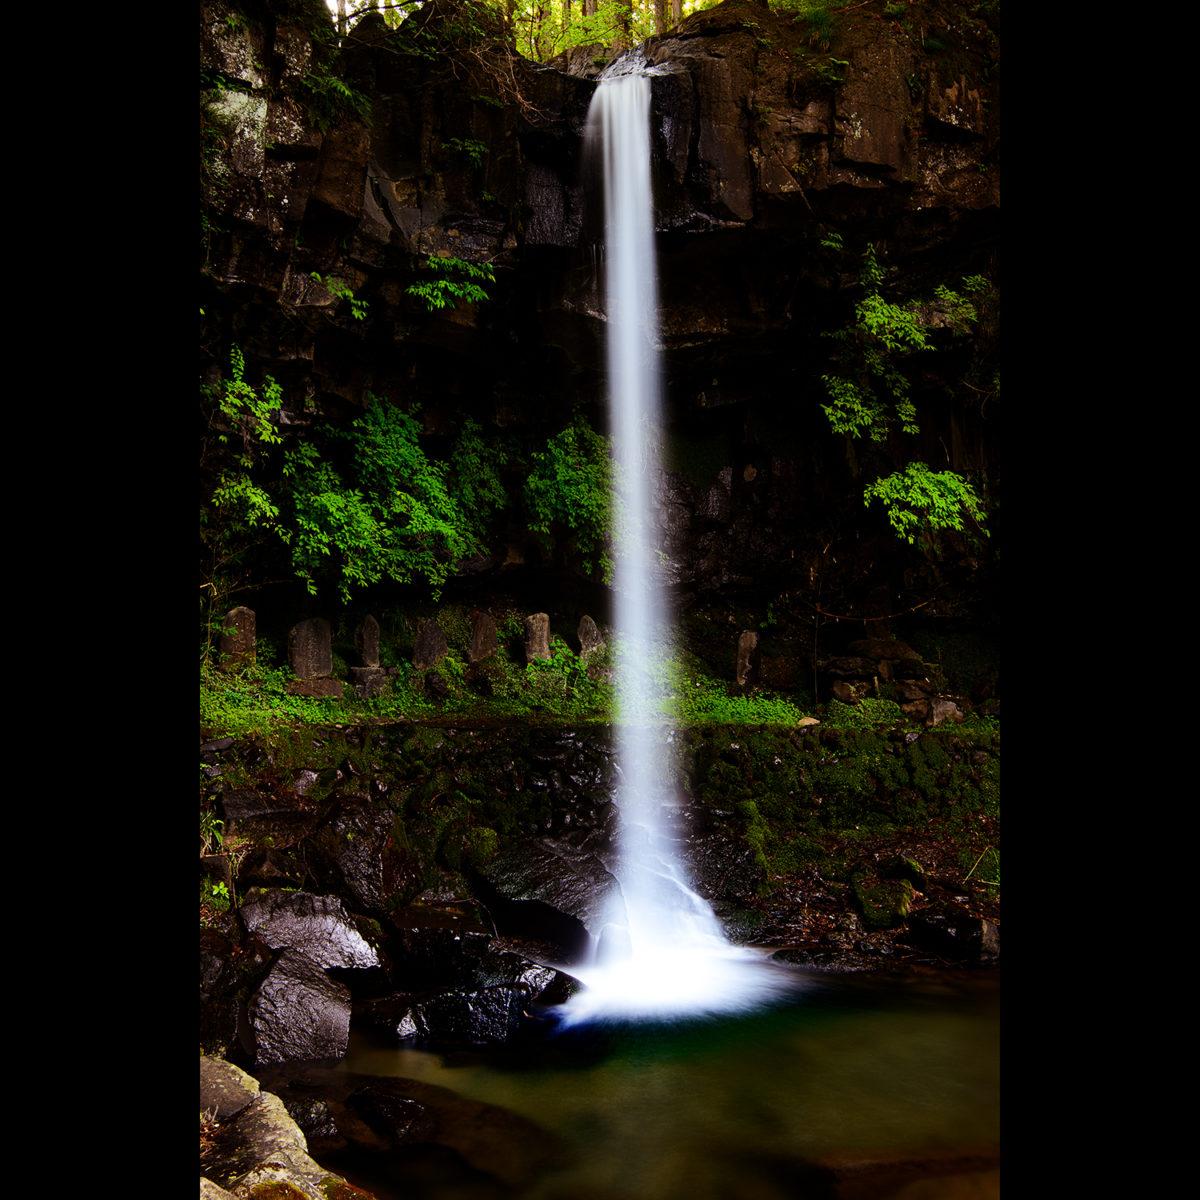 スローシャッター13秒で撮影した仙ケ滝